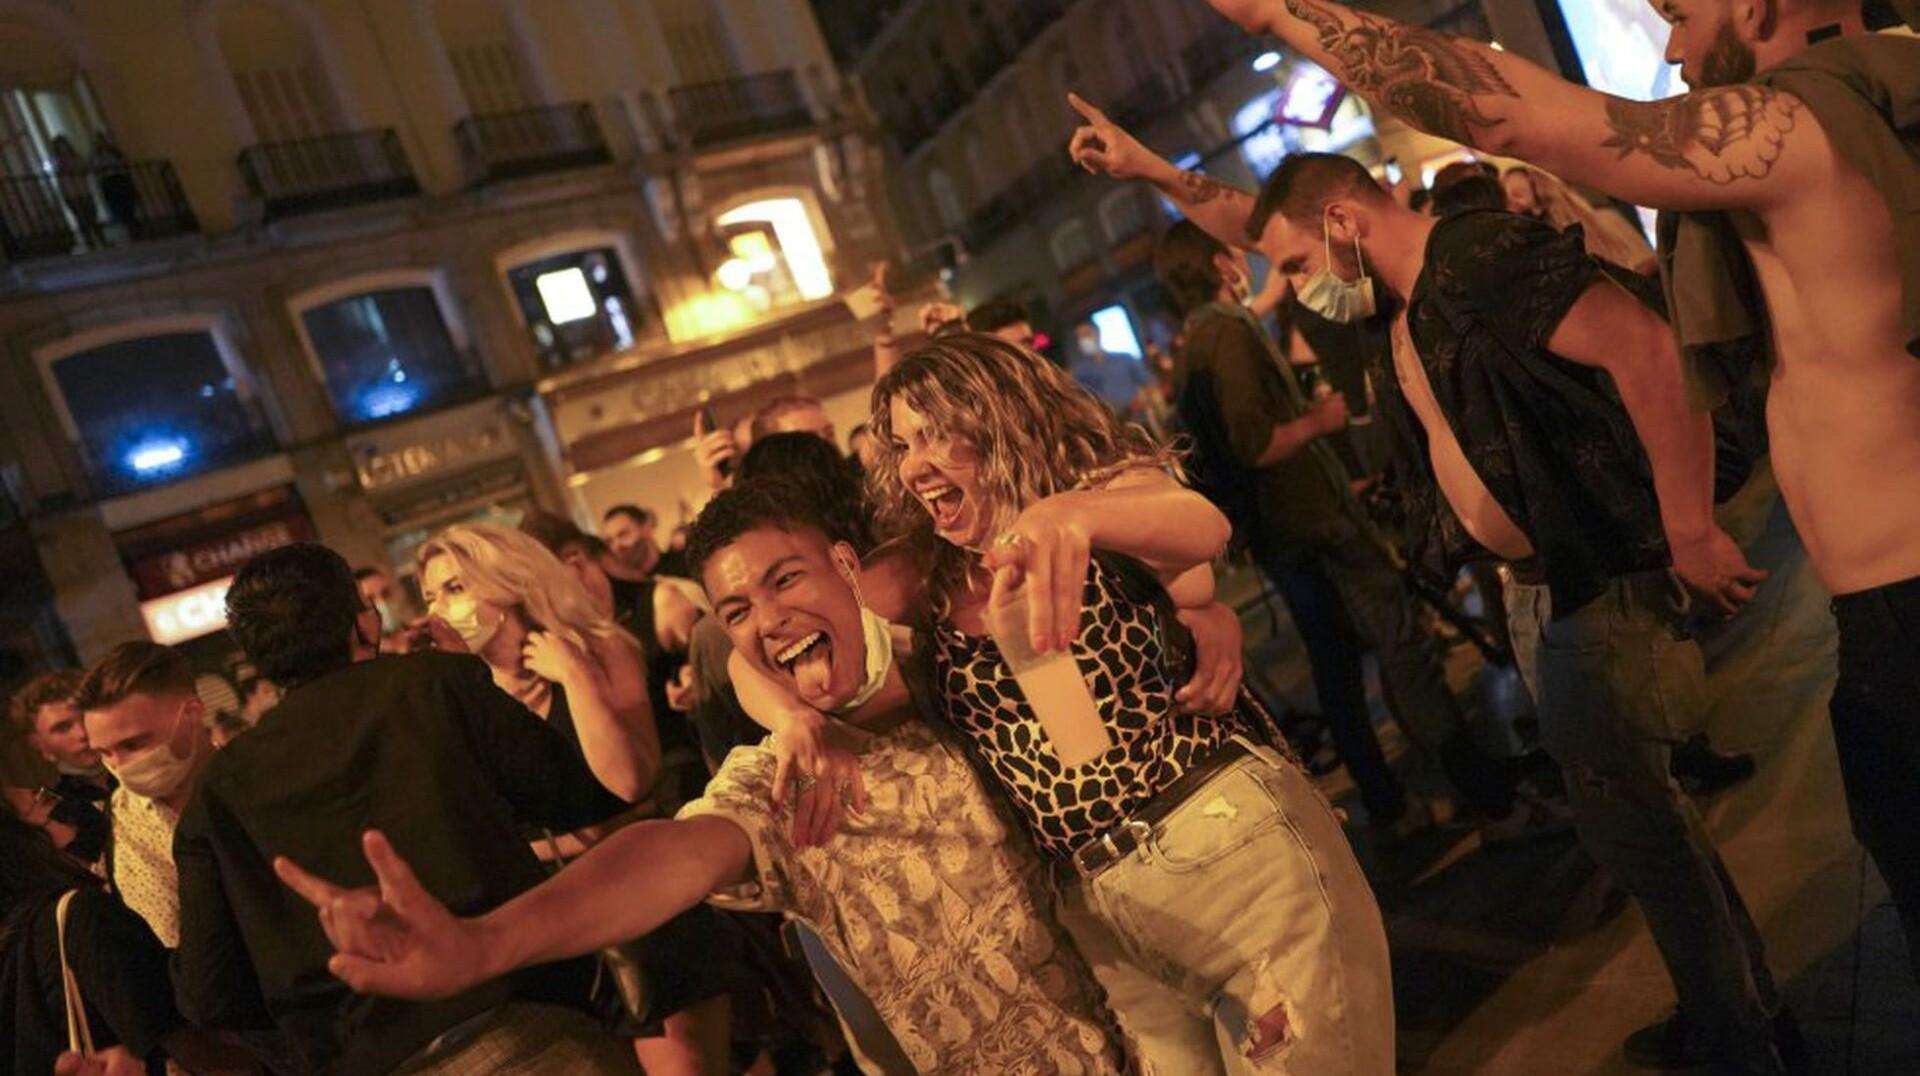 スペインでは「非常事態」「午後11時以降の外出禁止令」を解除!マドリードでは数千人が路上で酒を飲みながら規制解除を祝う